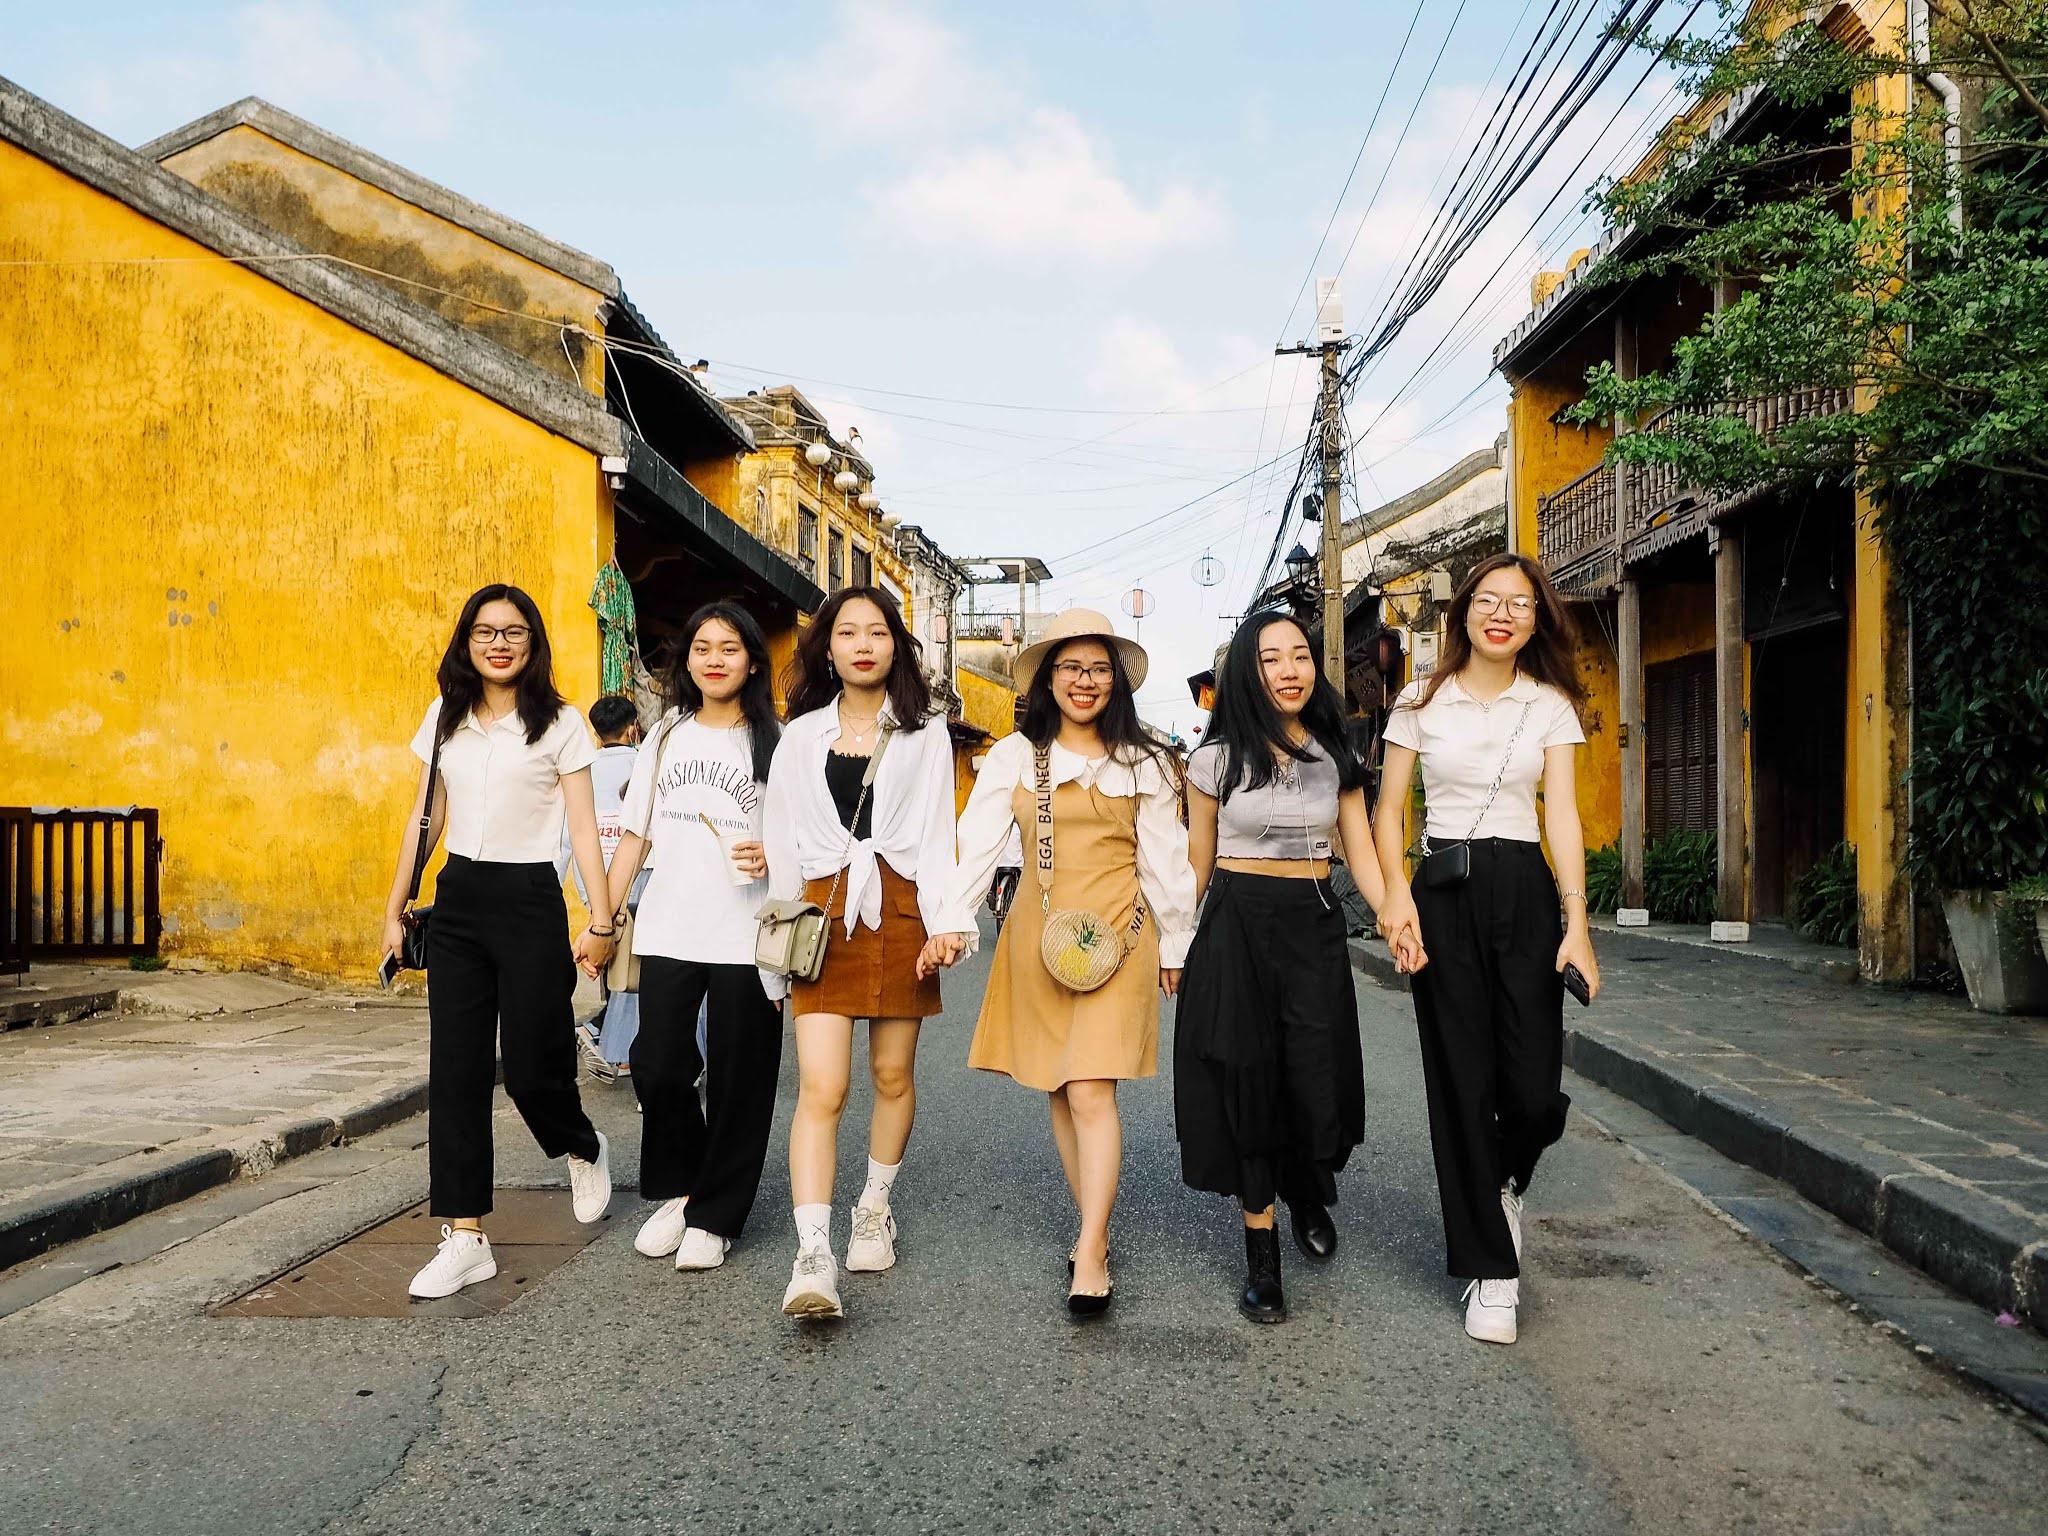 Báo giá chụp ảnh ngoại cảnh học sinh, sinh viên Đà Nẵng, Quảng Nam